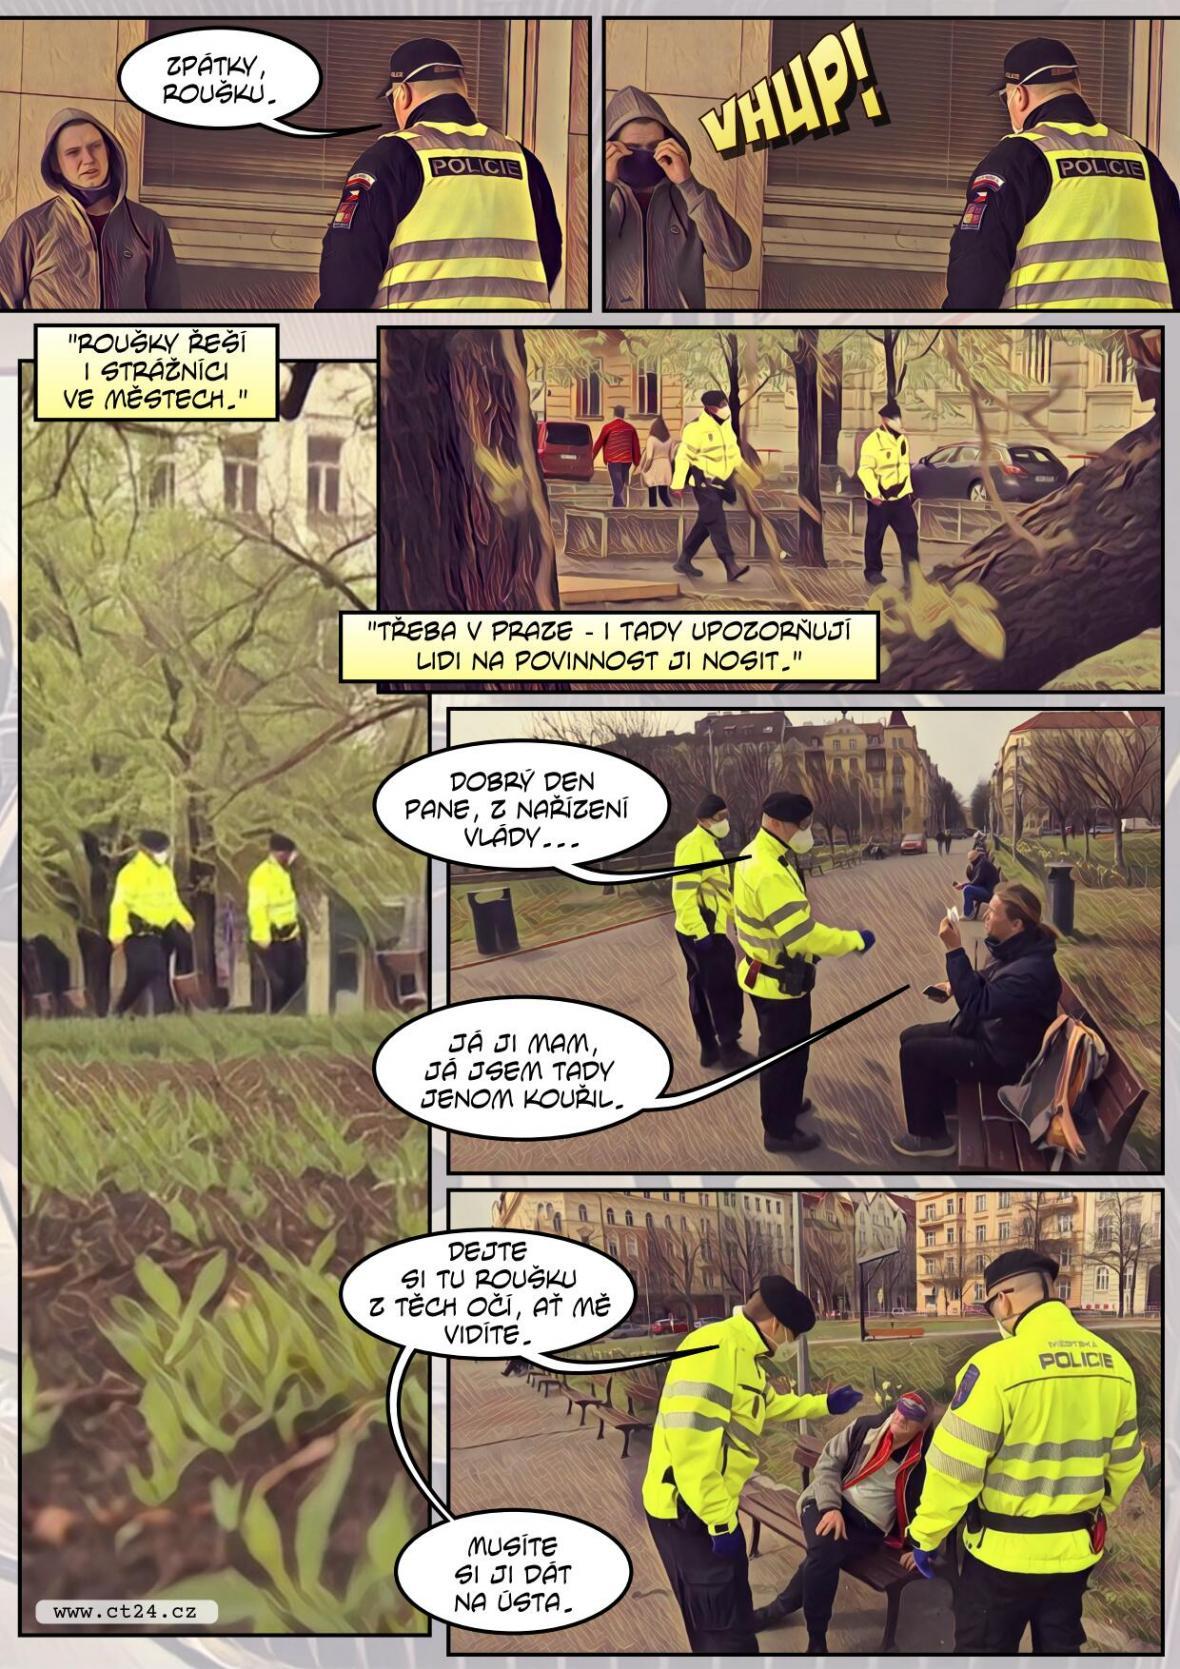 Policisté v první linii. Dodržování pravidel musí hlídat více než kdy jindy